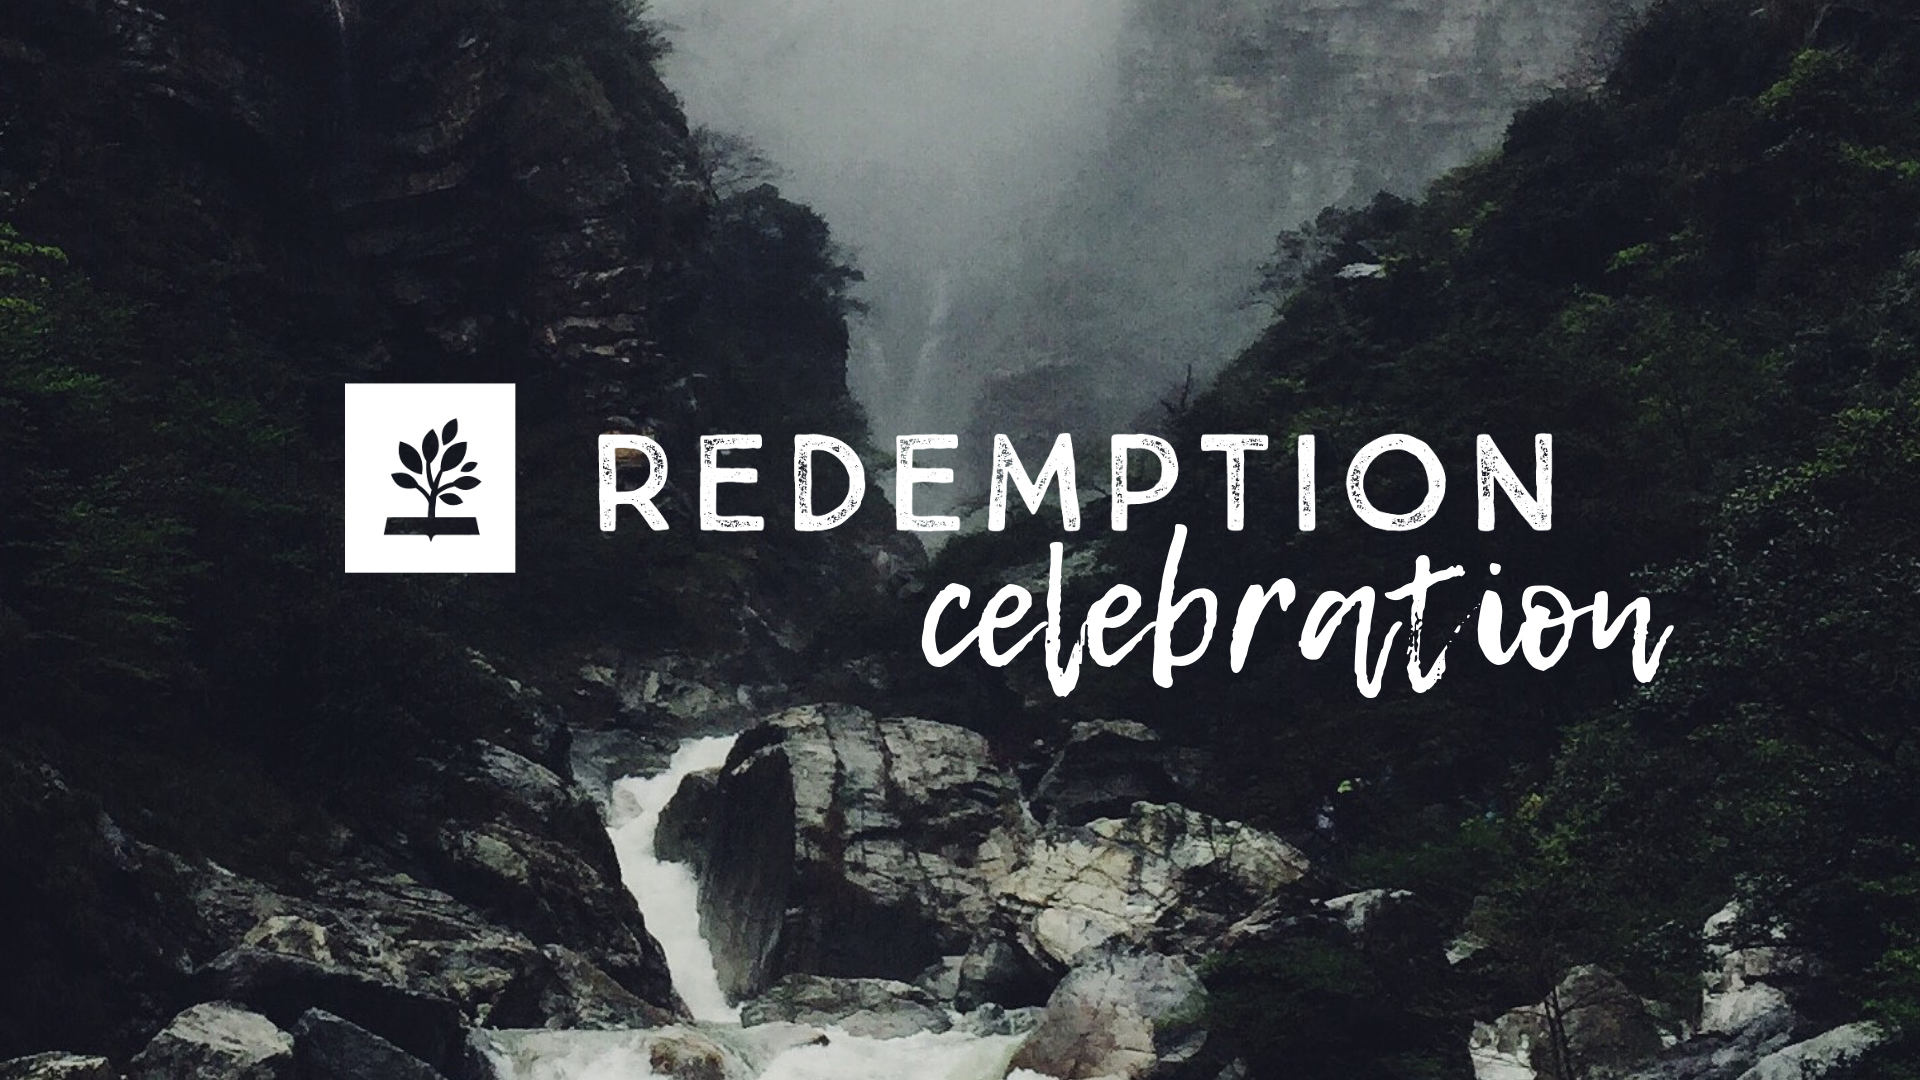 Redemption Celebration 2019 image